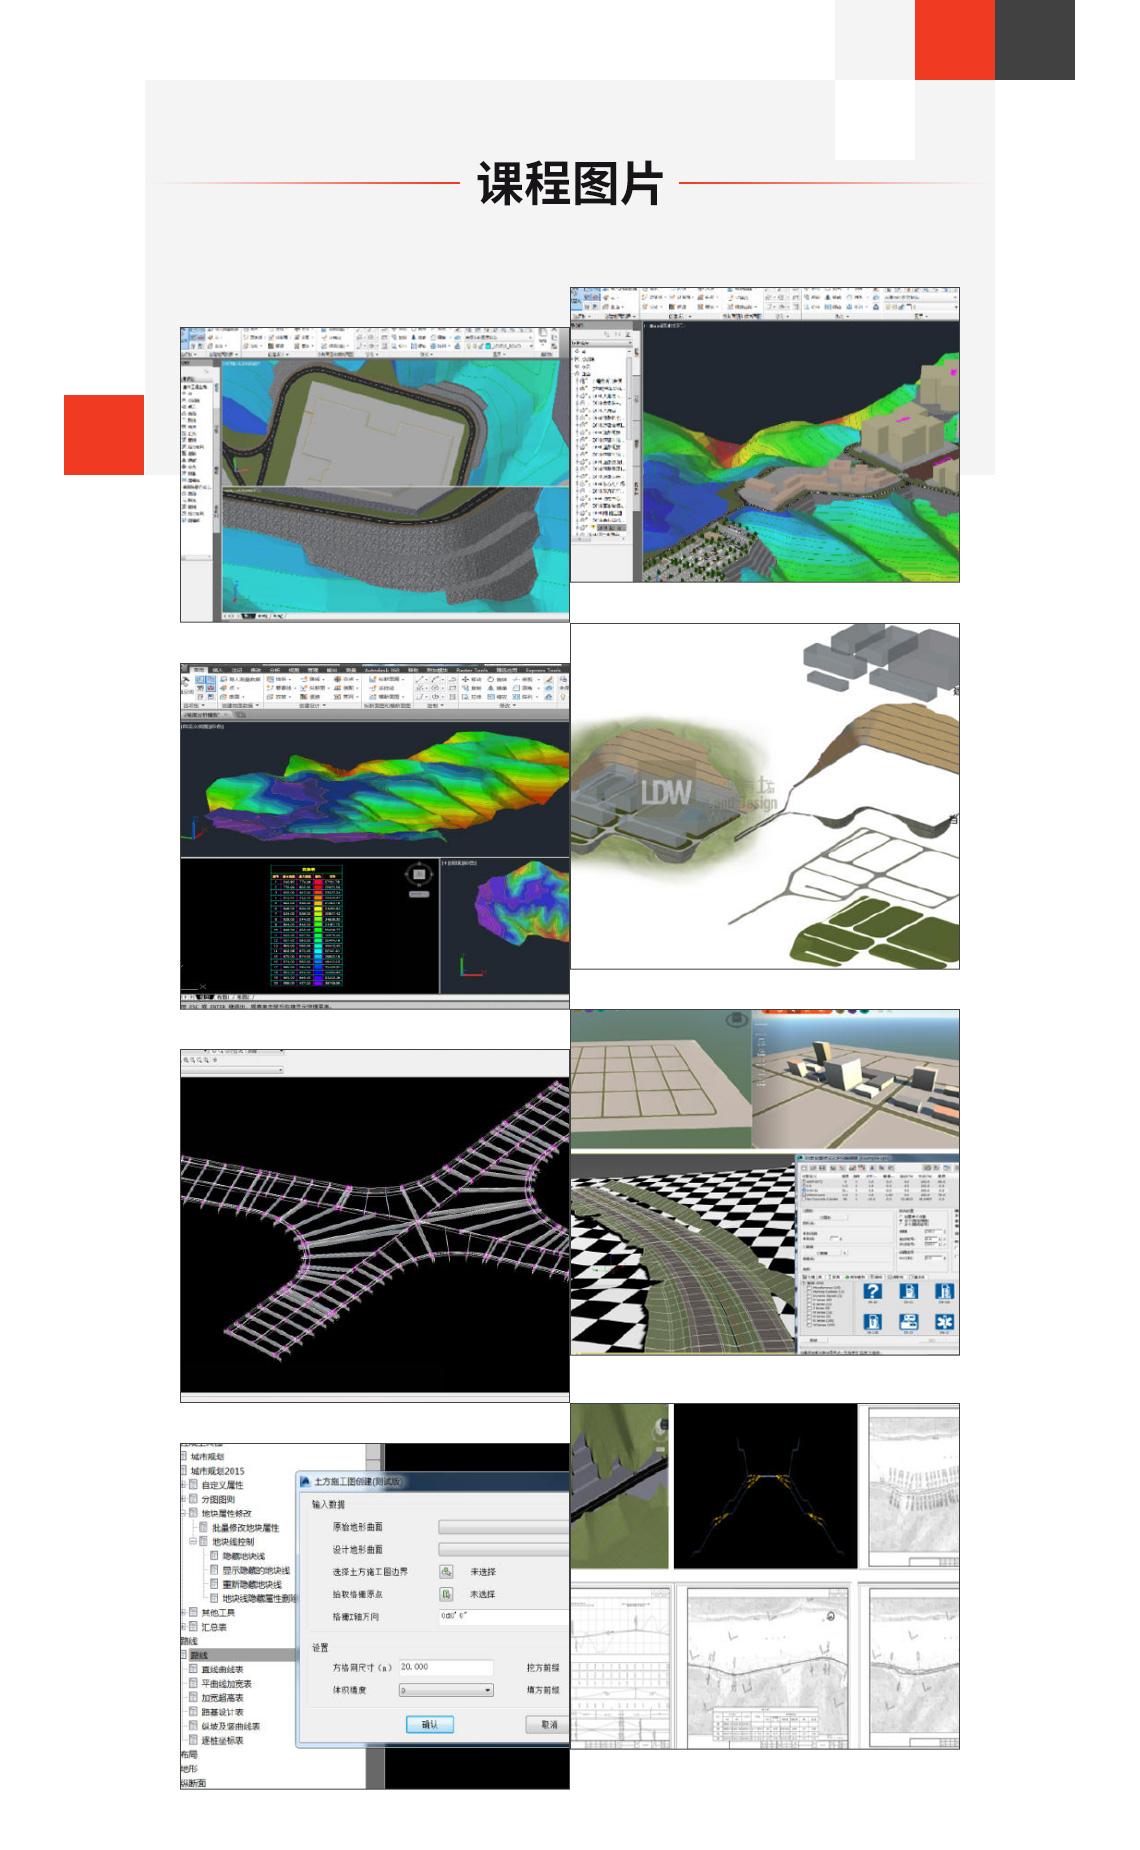 Civil 3D为土木工程提供了一个更出色的测量、设计、分析与文档处理解决方案。通过在设计变更时自动更新文档,AutoCAD Civil 3D 支持土木工程师、设计师、绘图人员与测绘人员显著提高生产力,更快完成更高质量的设计与施工文档。